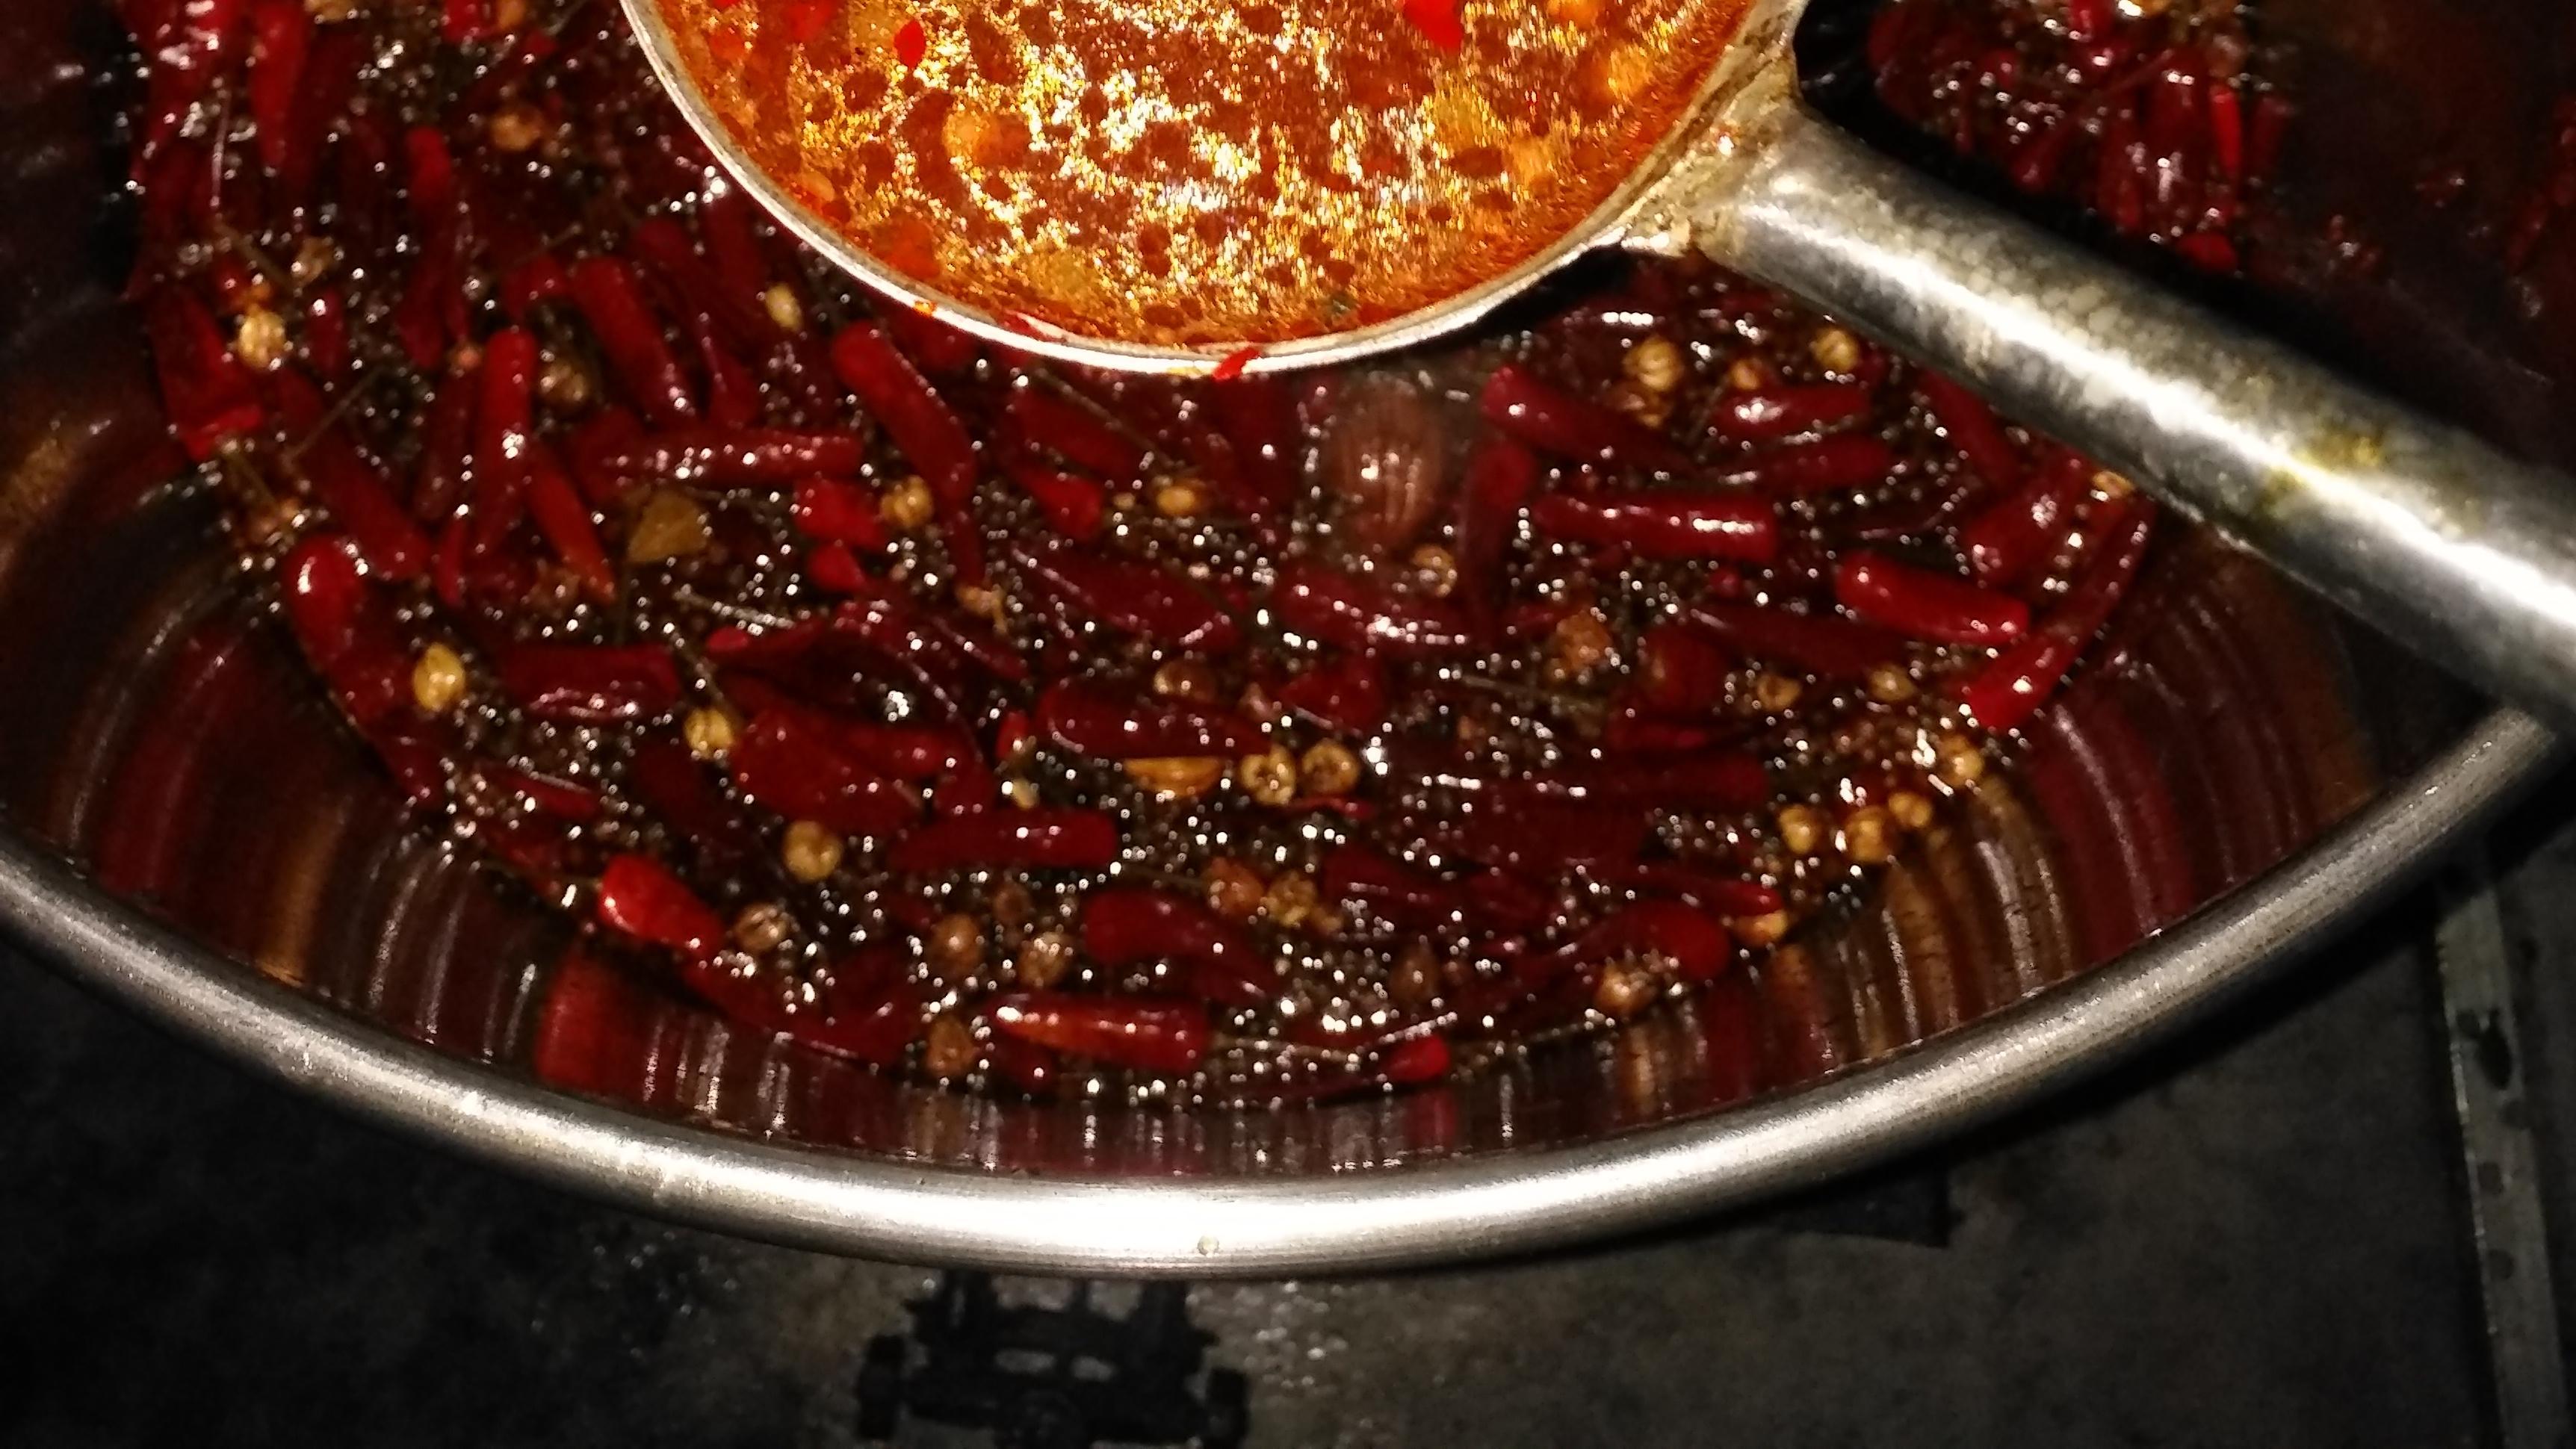 卤水、酱汤中是否要加入葱油、植物油、香料油、动物油等问题的探讨